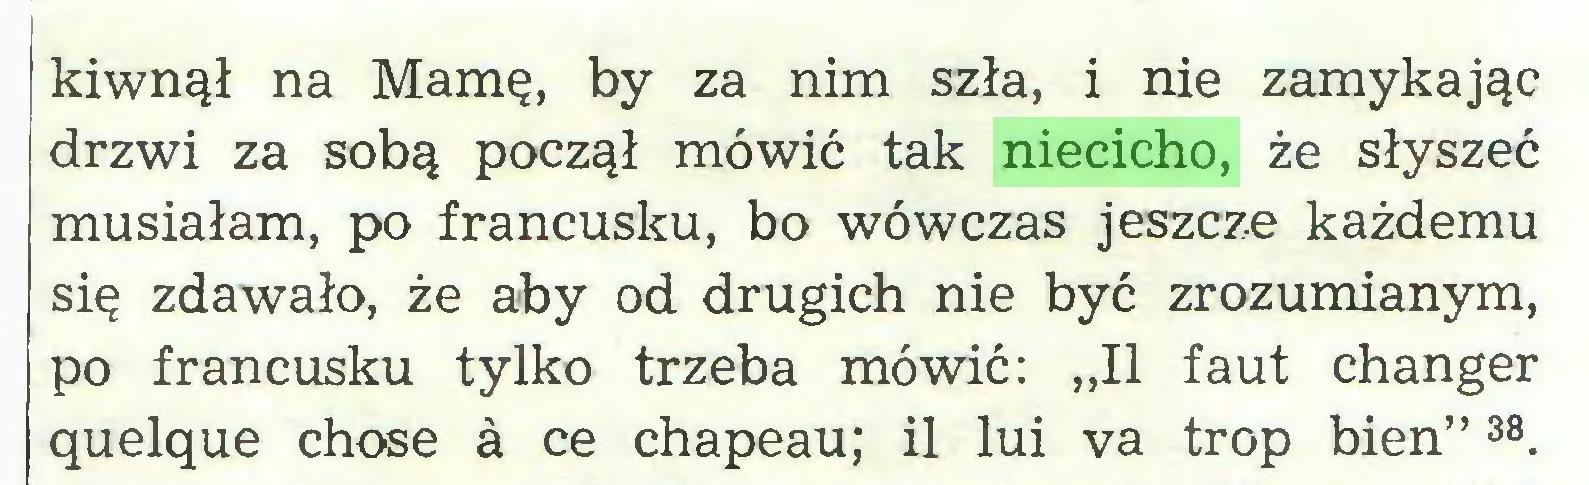 """(...) kiwnął na Mamę, by za nim szła, i nie zamykając drzwi za sobą począł mówić tak niecicho, że słyszeć musiałam, po francusku, bo wówczas jeszcze każdemu się zdawało, że aby od drugich nie być zrozumianym, po francusku tylko trzeba mówić: """"II faut changer quelque chose ä ce chapeau; il lui va trop bien""""38..."""